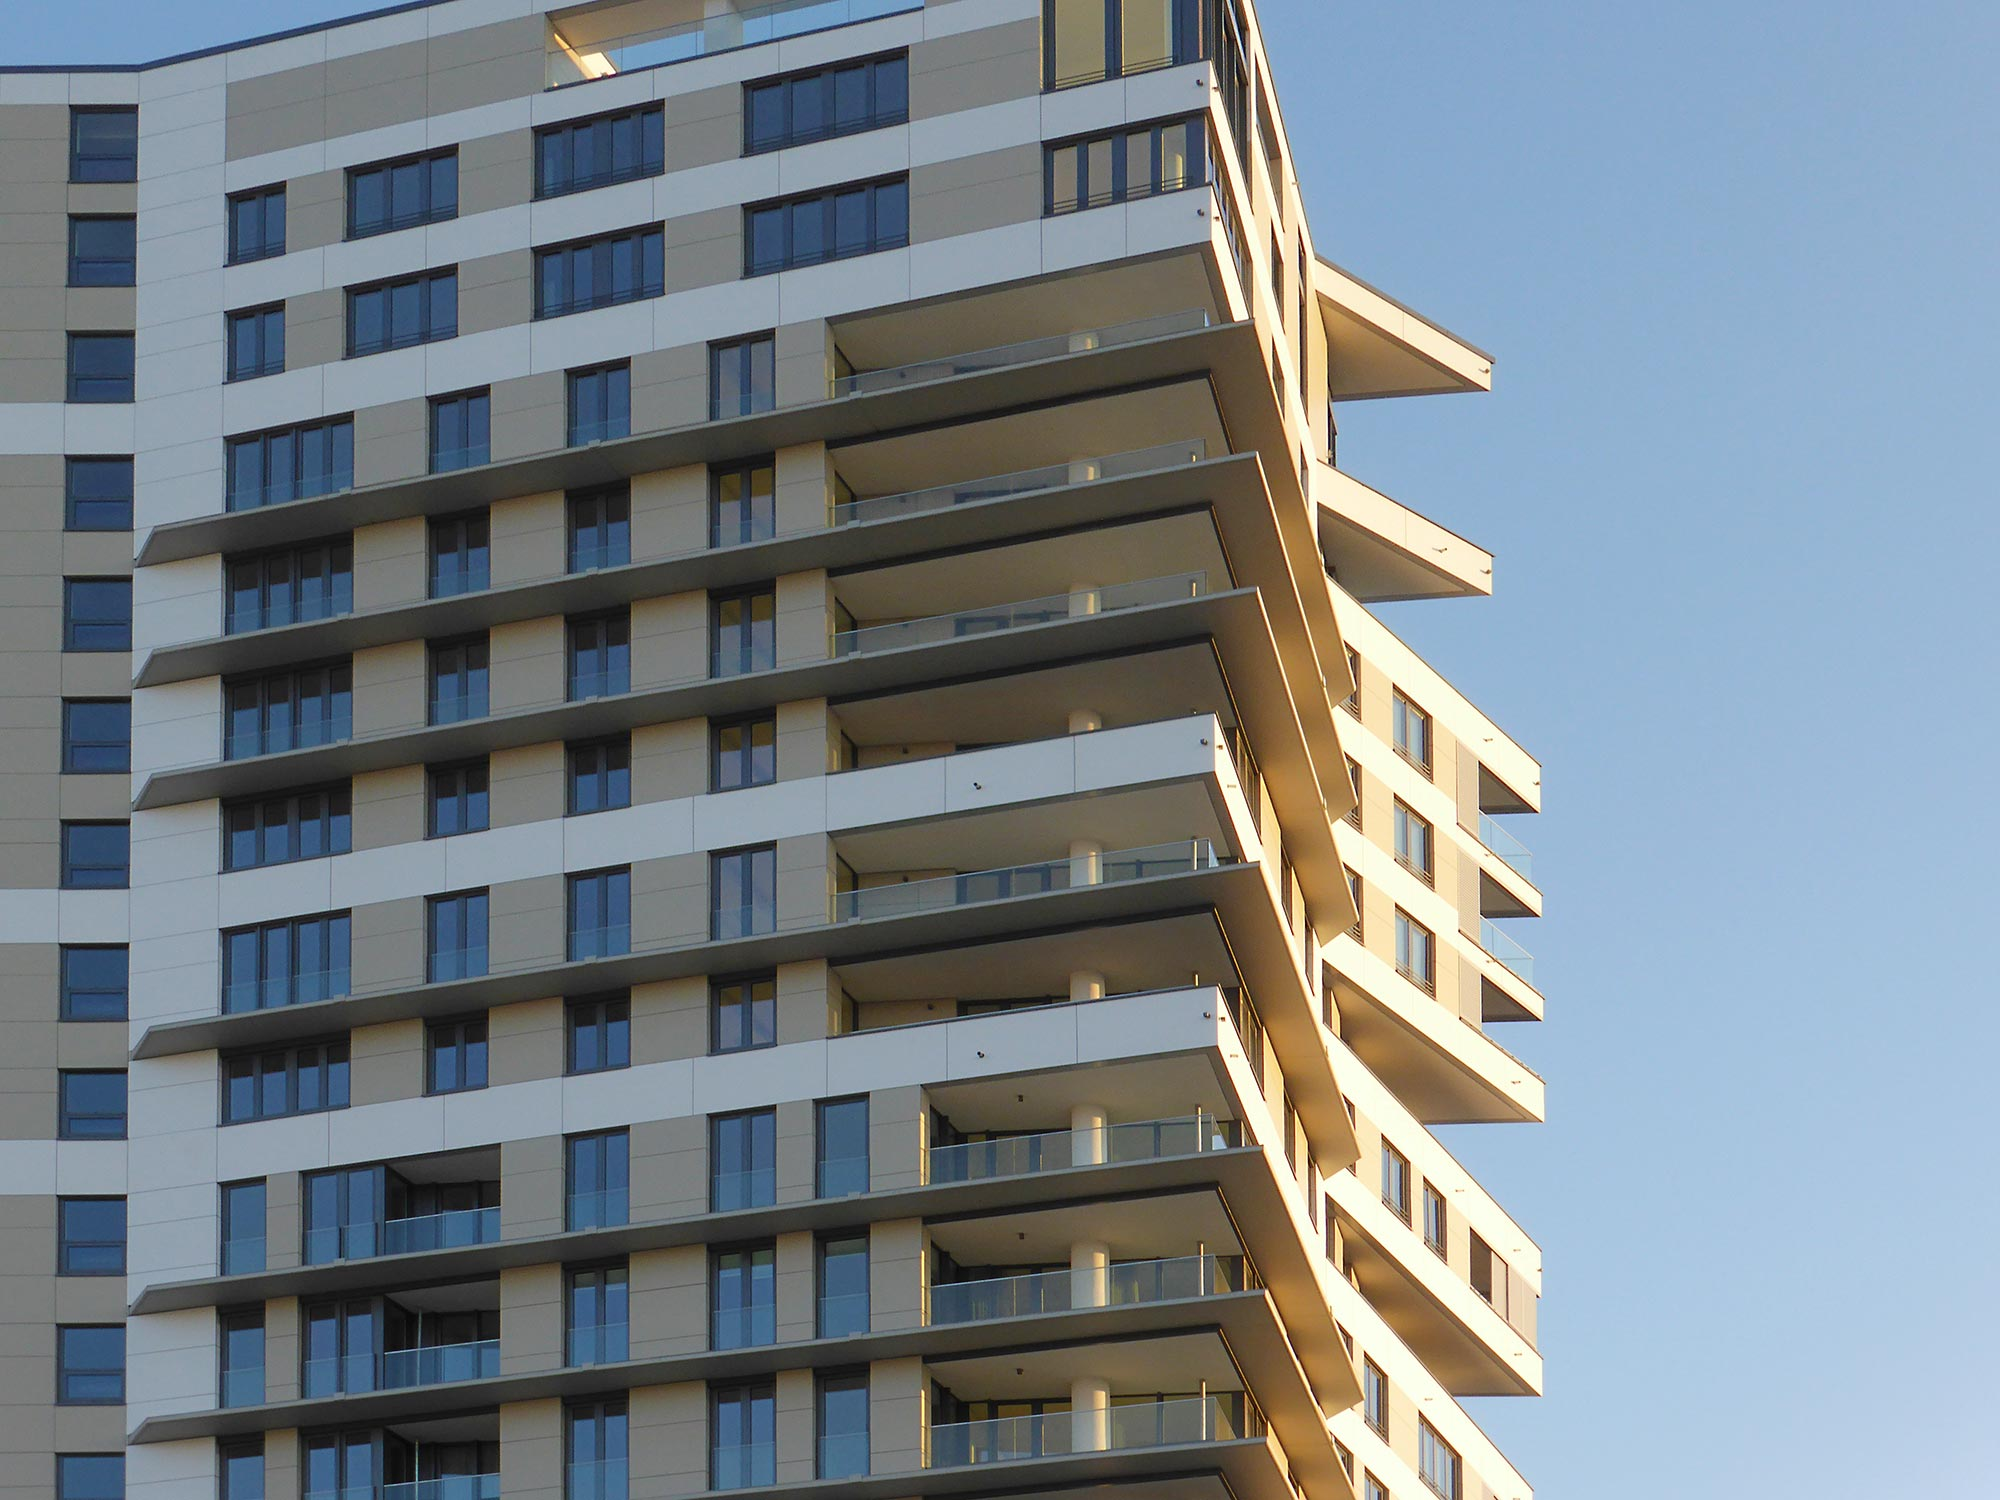 Wohnungen Europaviertel - West Side Tower Frankfurt - Balkone mit Aussicht auf die Skyline - Kleine Wohnungen zur Miete